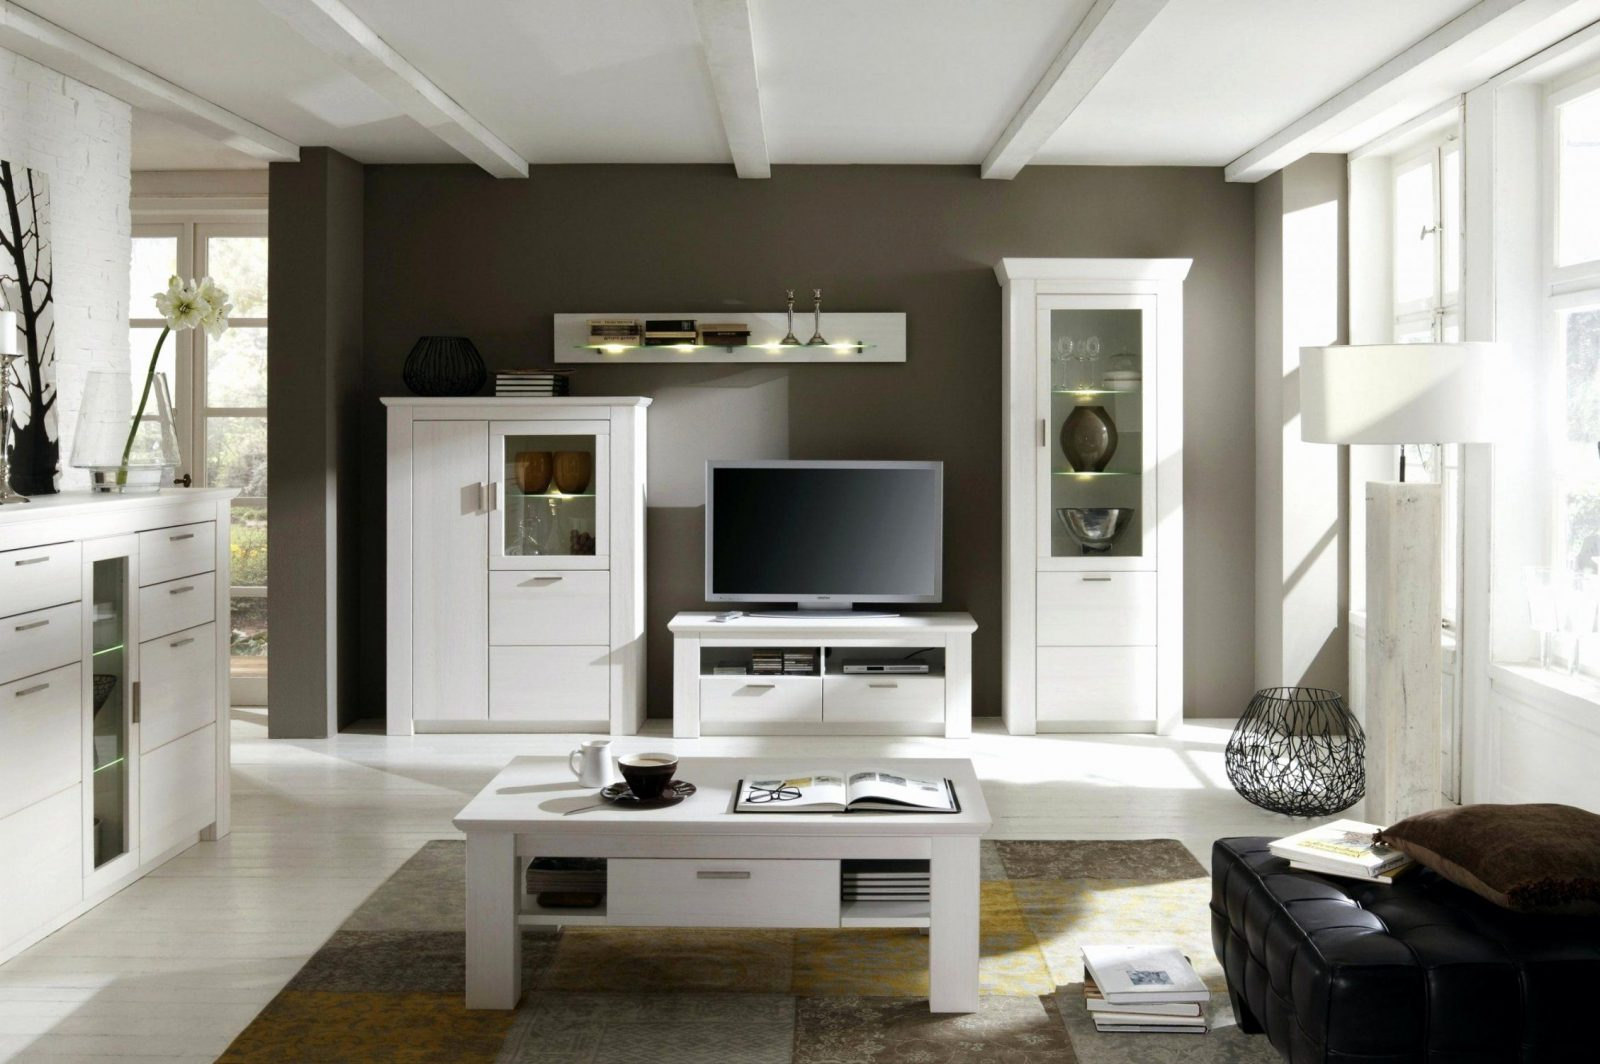 Wohnzimmer neu gestalten mit wenig geld haus design ideen for Wohnzimmer neu